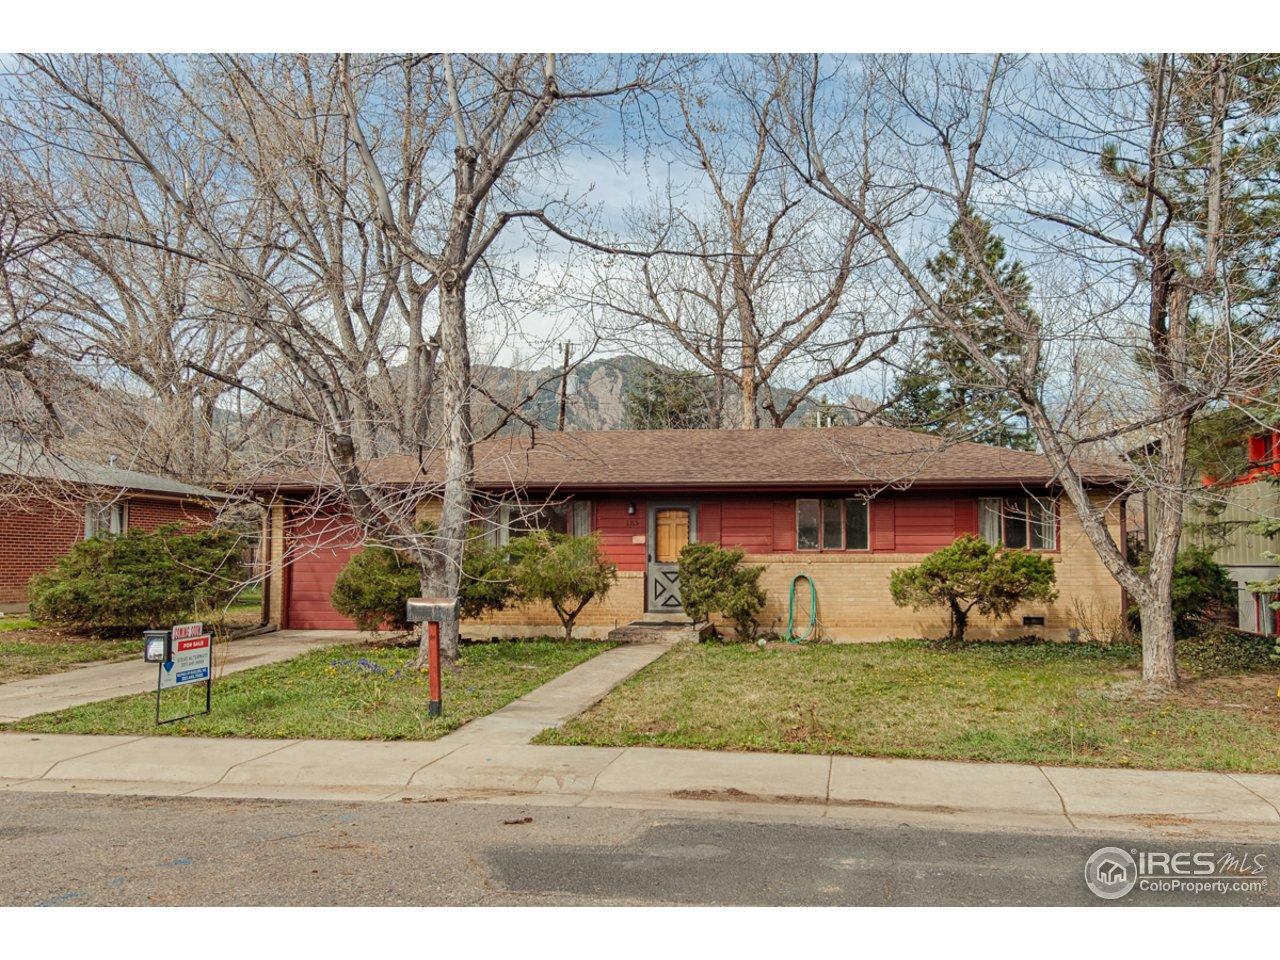 185 S 33rd St, Boulder CO 80305